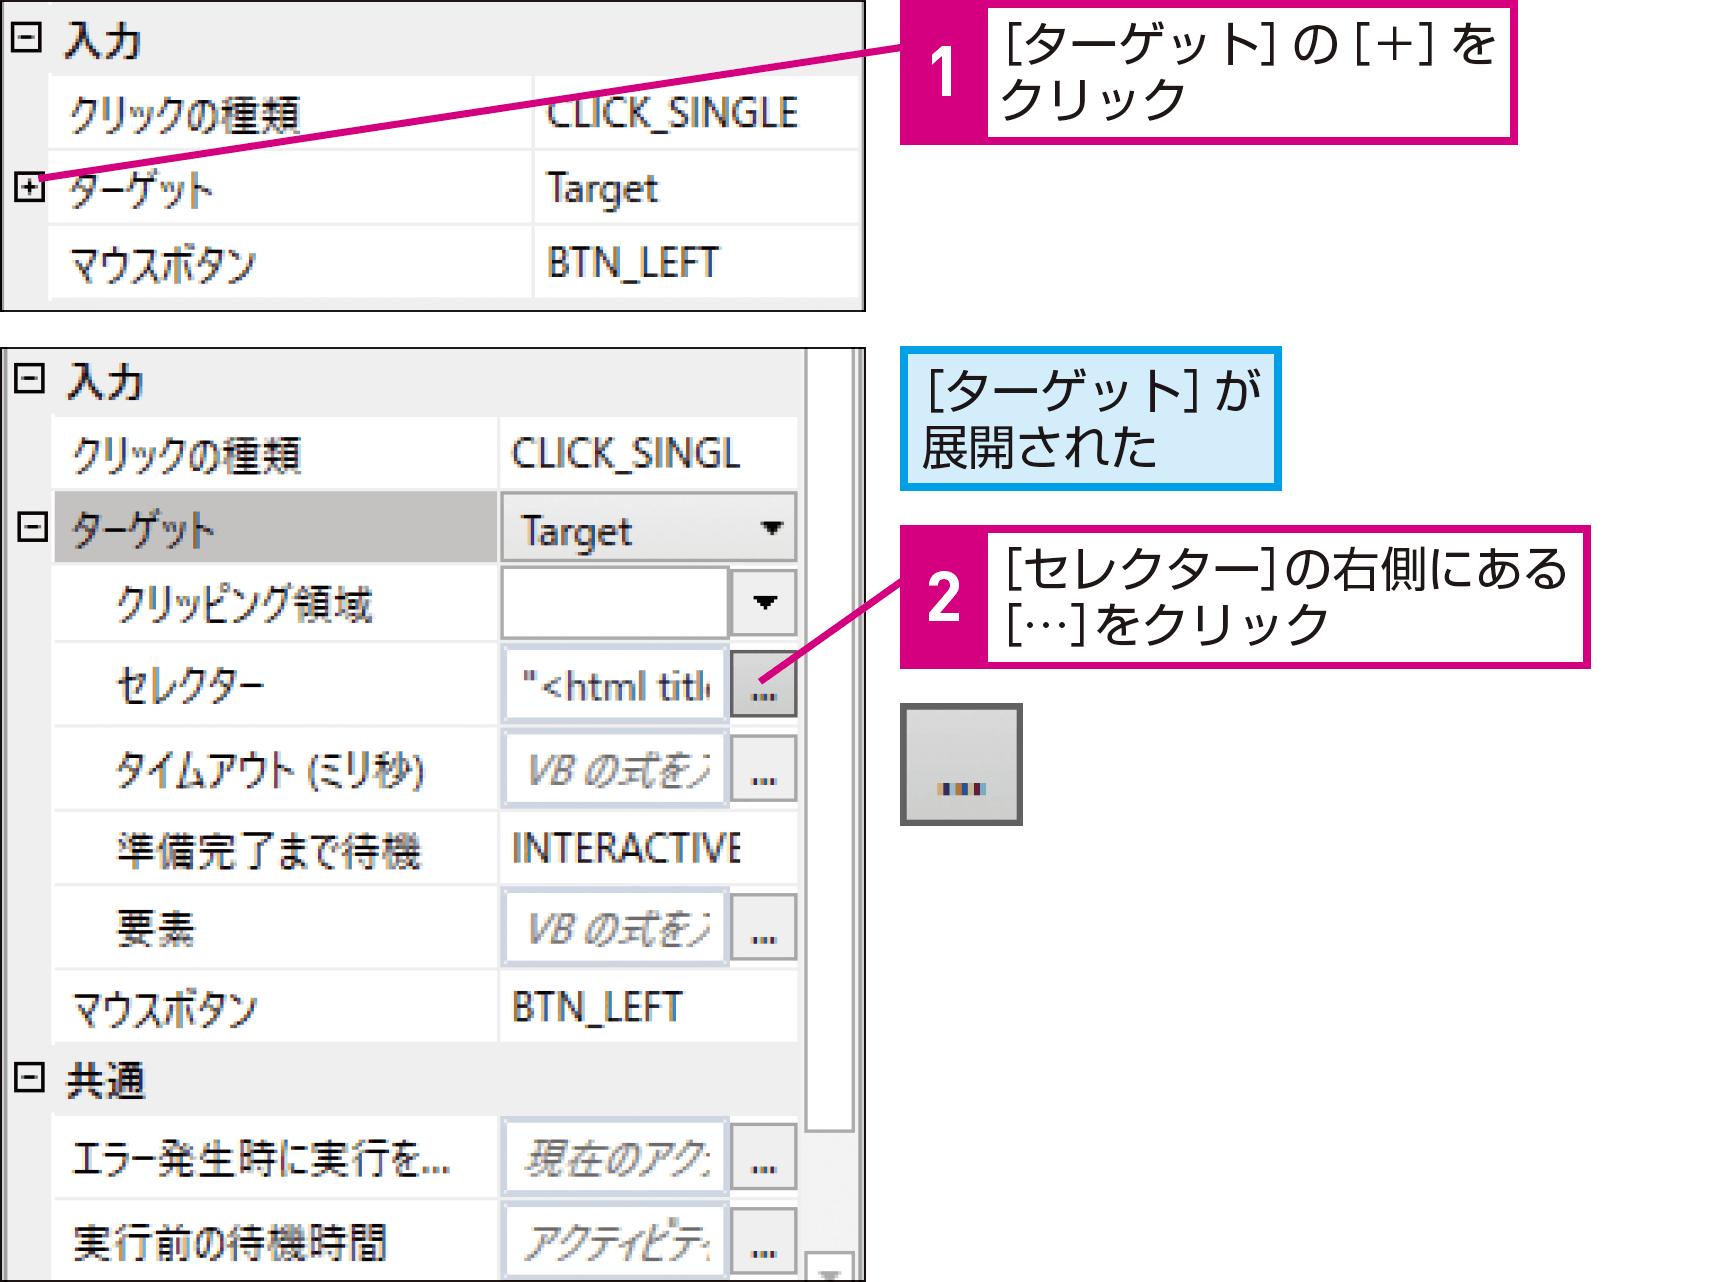 変数を使って操作対象を動的に指定するには(セレクターの編集) - できるUiPath